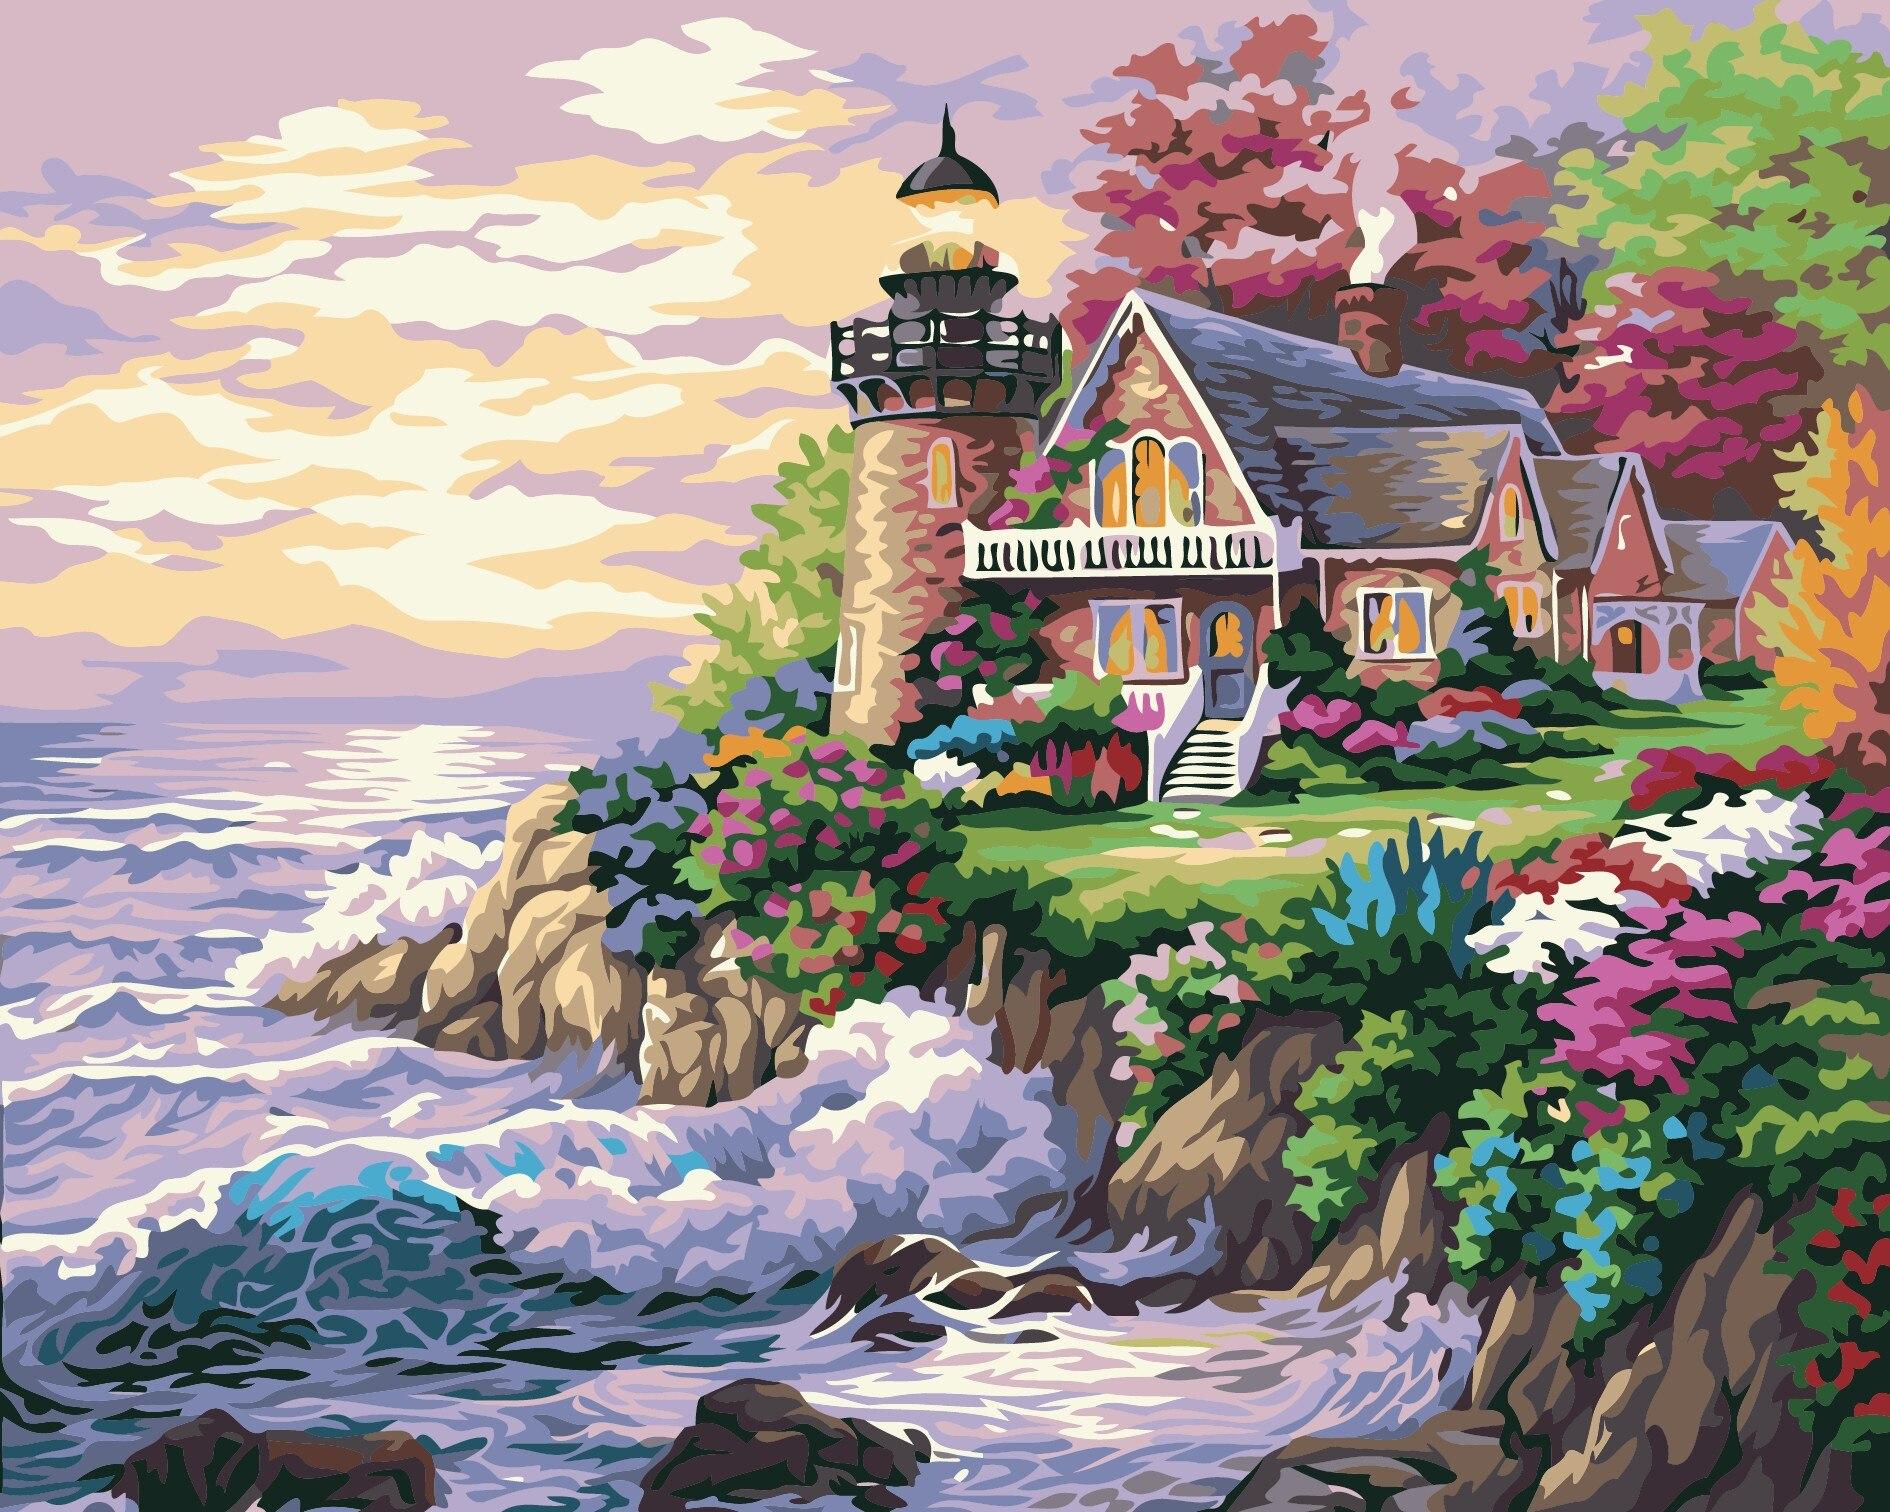 По количеству стены Пейзаж diy картина маслом Приморский мечтать s Pinturas дома Decoracion фотографии холст окраски